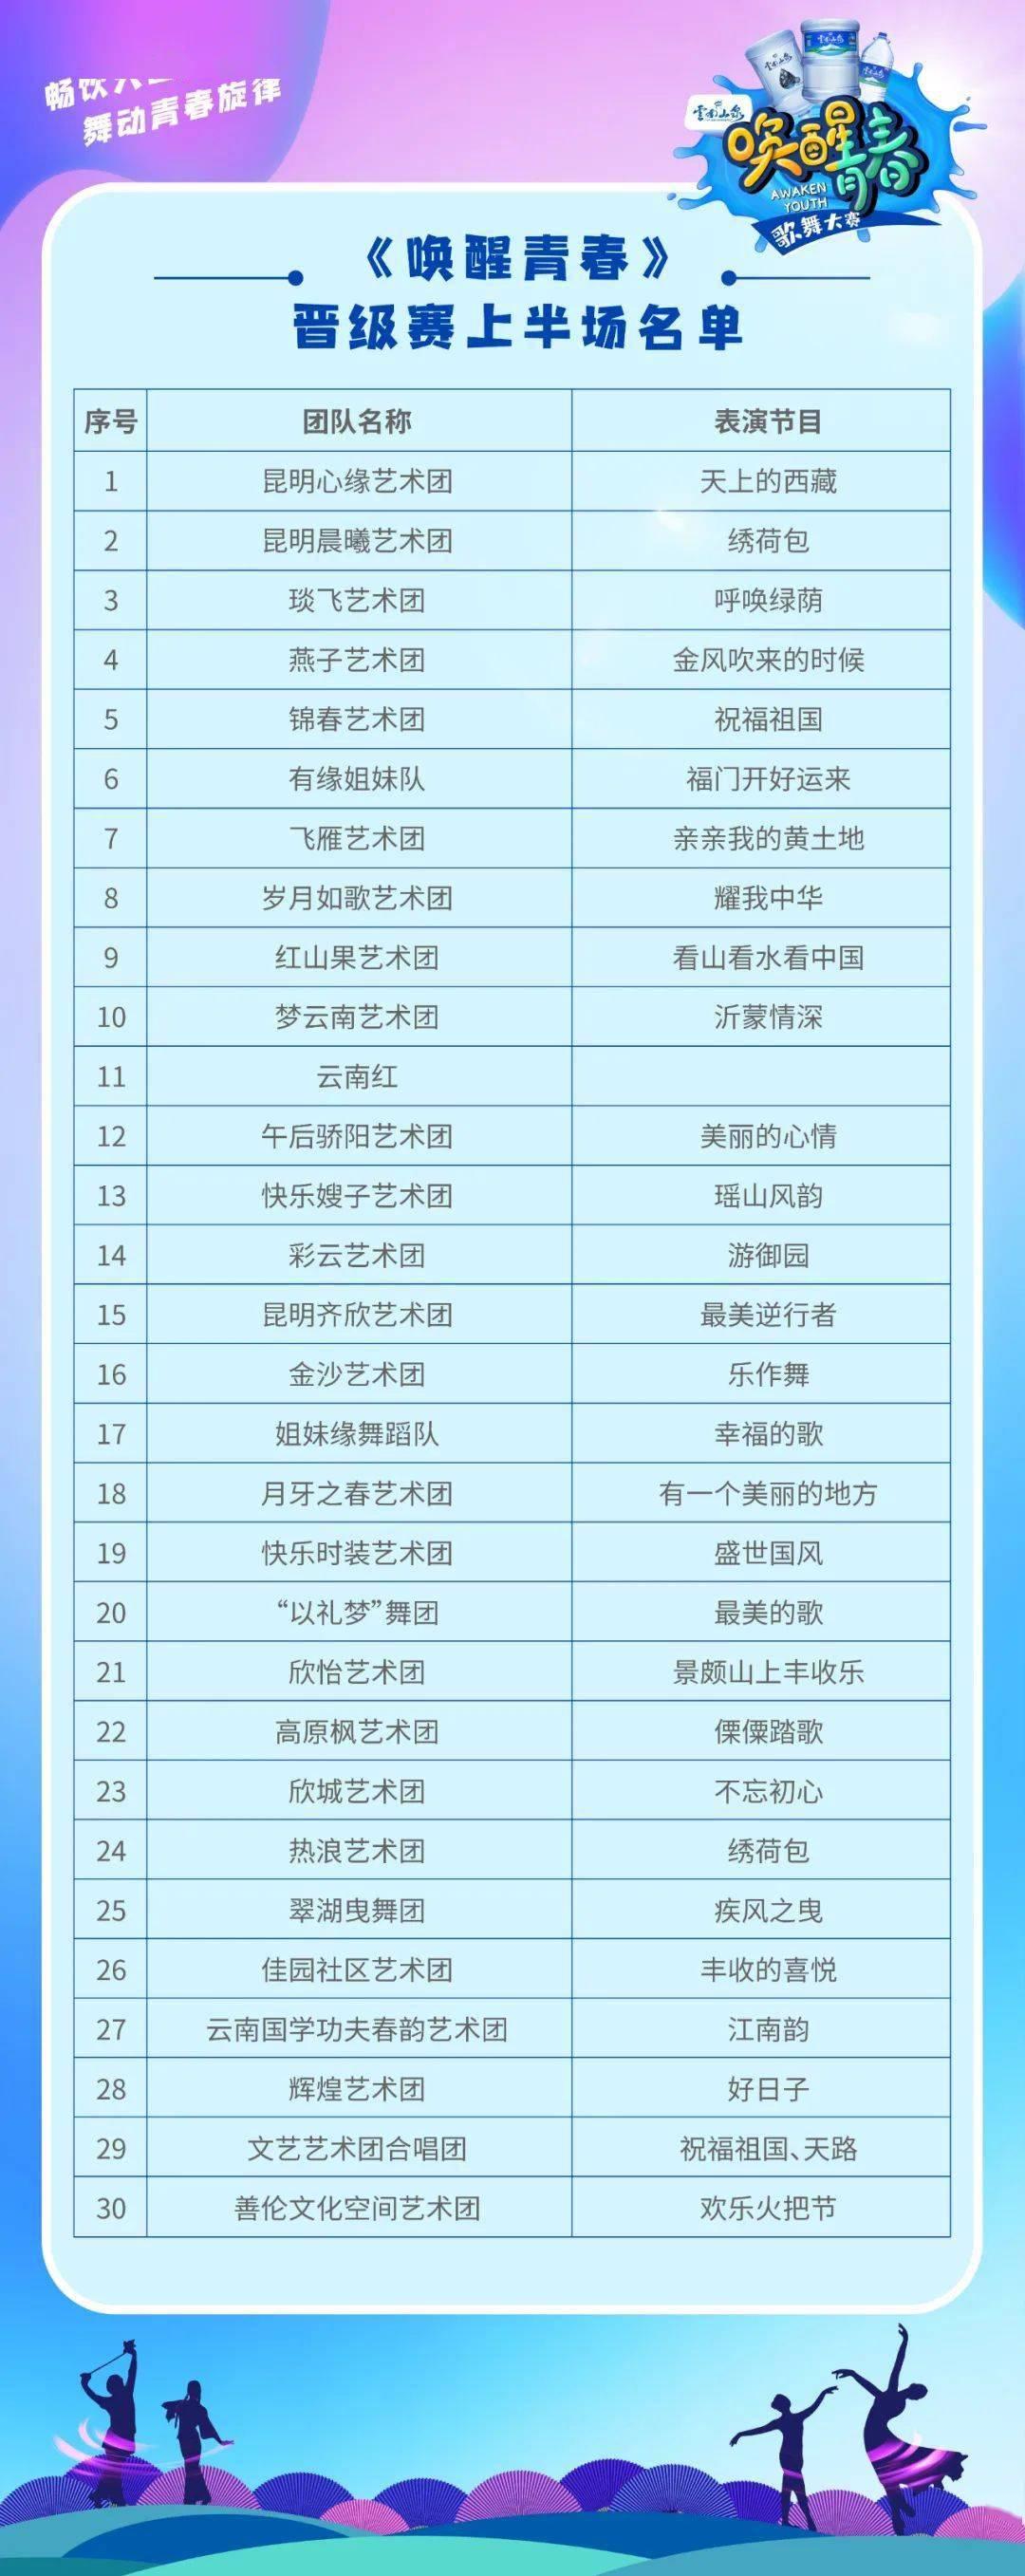 """""""叫醒青春""""晋级赛演出节目表""""BC体育游戏首页""""(图1)"""